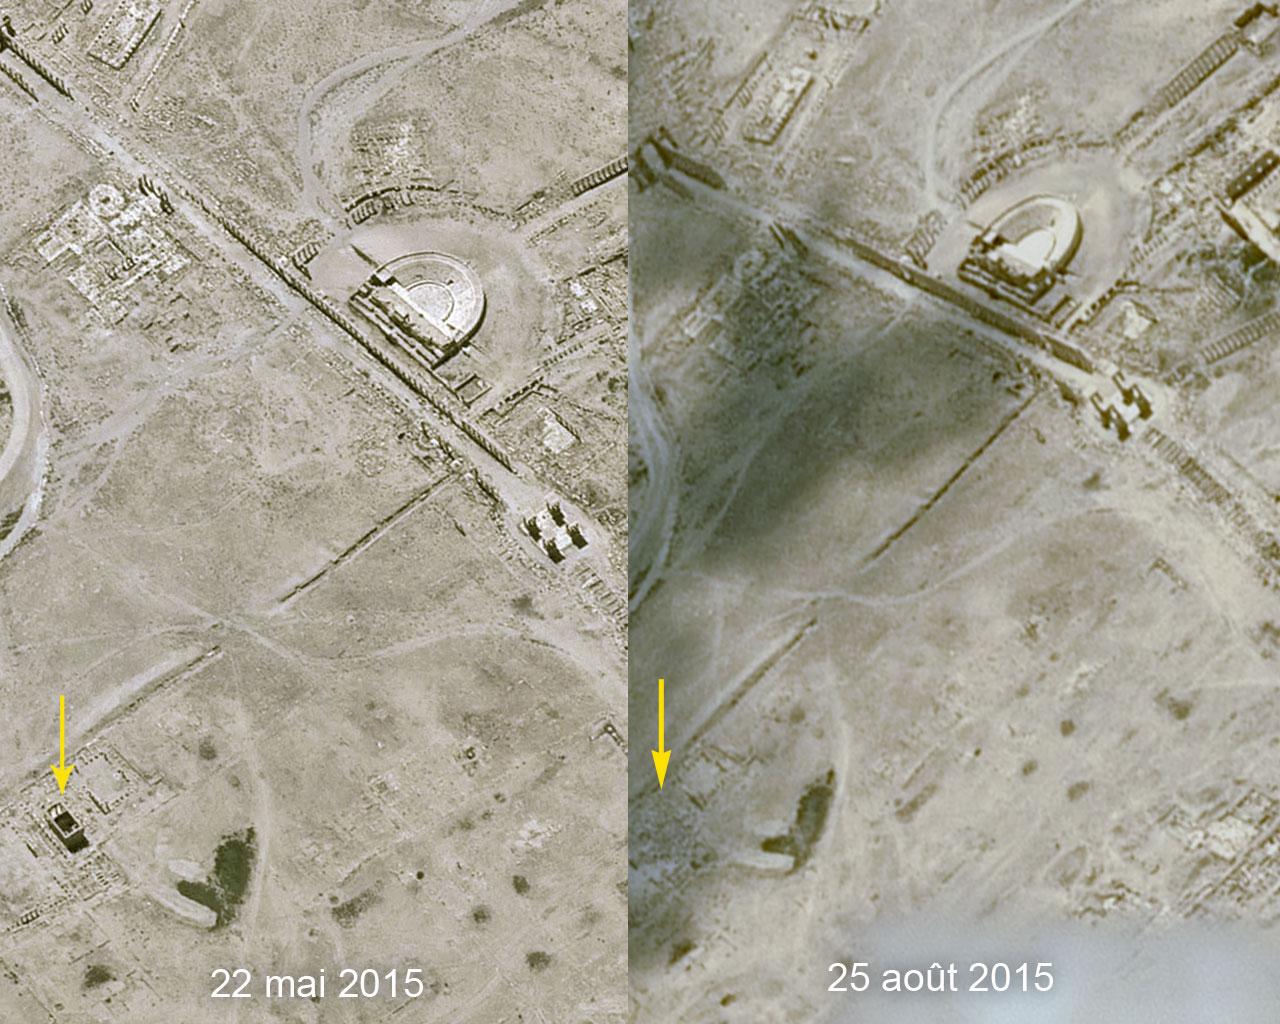 Palmira: la distruzione del tempio vista dallo Spazio